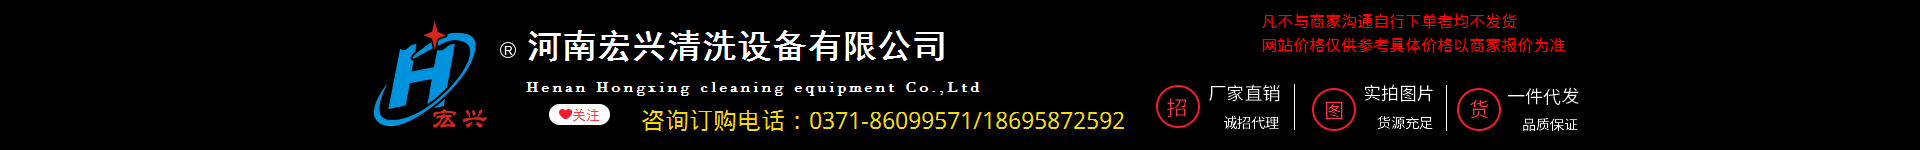 河南宏興清洗設備有限公司